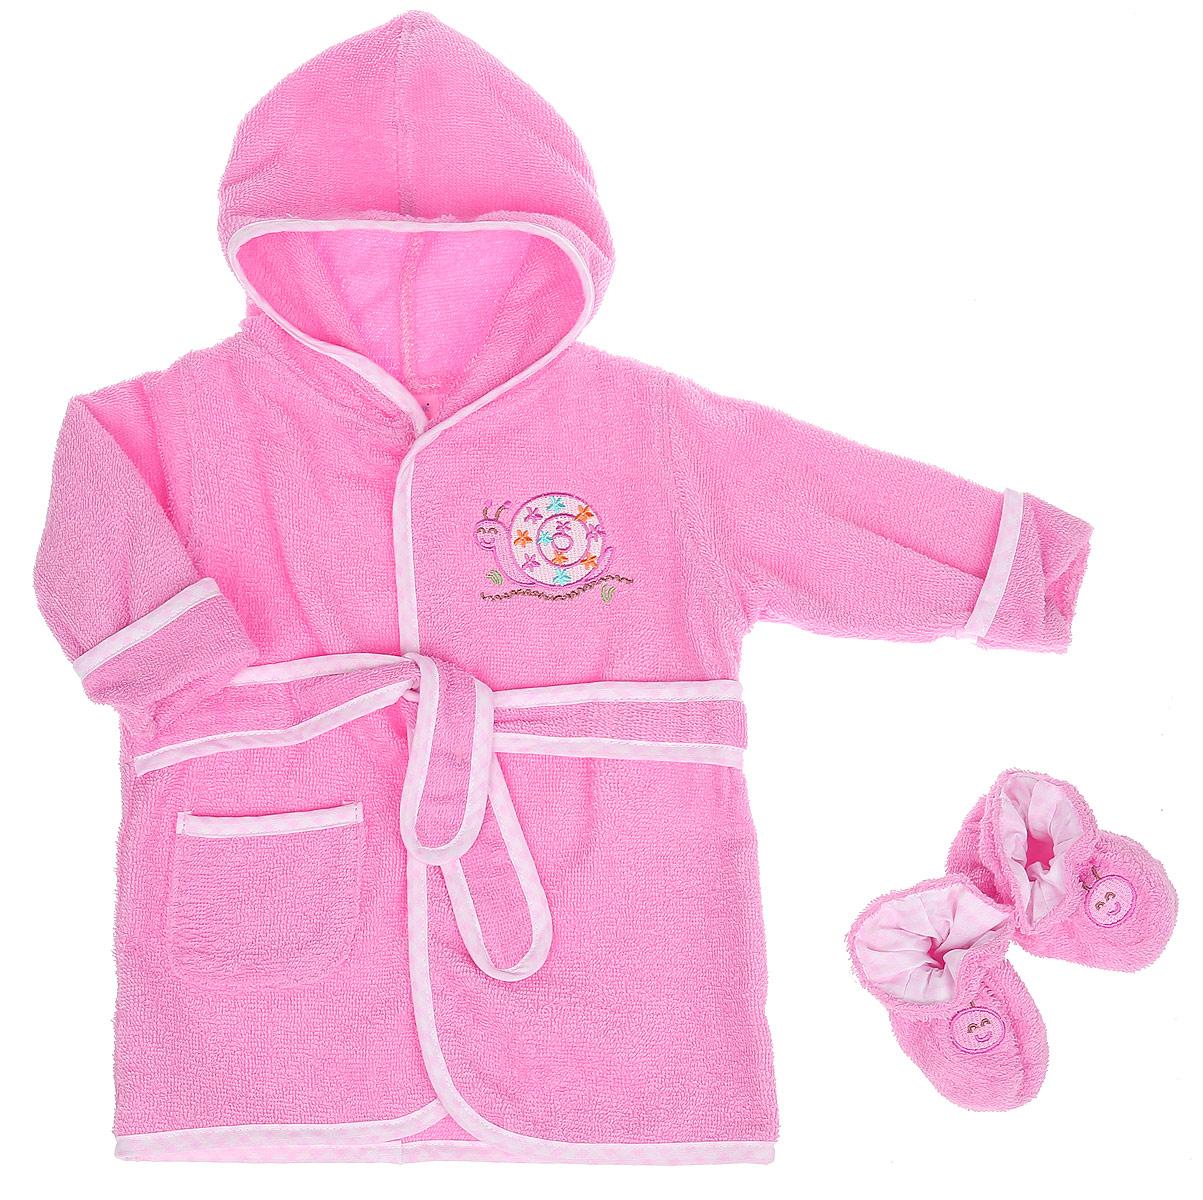 Комплект для девочки Spasilk Улитка: халат, пинетки, цвет: розовый. BR SNAIL. Размер 0/9 месяцевBR SNAILОчаровательный комплект одежды Spasilk Улитка состоит из халатика и пинеток. Комплект изготовлен из мягкой махровой ткани, которая отлично поглощает воду, массирует кожу, улучшая кровообращение, позволяет телу дышать. Изделие легкое и тактильно приятное. Уютный халат с капюшоном и длинными рукавами дополнен поясом на талии. На рукавах имеются декоративные отвороты. Спереди расположен накладной кармашек. Края изделия оформлены принтованной окантовкой. Модель украшена вышитой аппликацией в виде улитки.На пинетках предусмотрена легкая хлопковая подкладка, оформленная принтом в клетку. Пинетки присборены на мягкие эластичные резинки для фиксации на ножках ребенка. Украшено изделие вышитой аппликацией в виде забавных мордочек. Такой комплект одежды станет идеальным дополнением к детскому гардеробу. Мягкий махровый халатик и удобные пинетки защитят малышку от охлаждения после водных процедур.